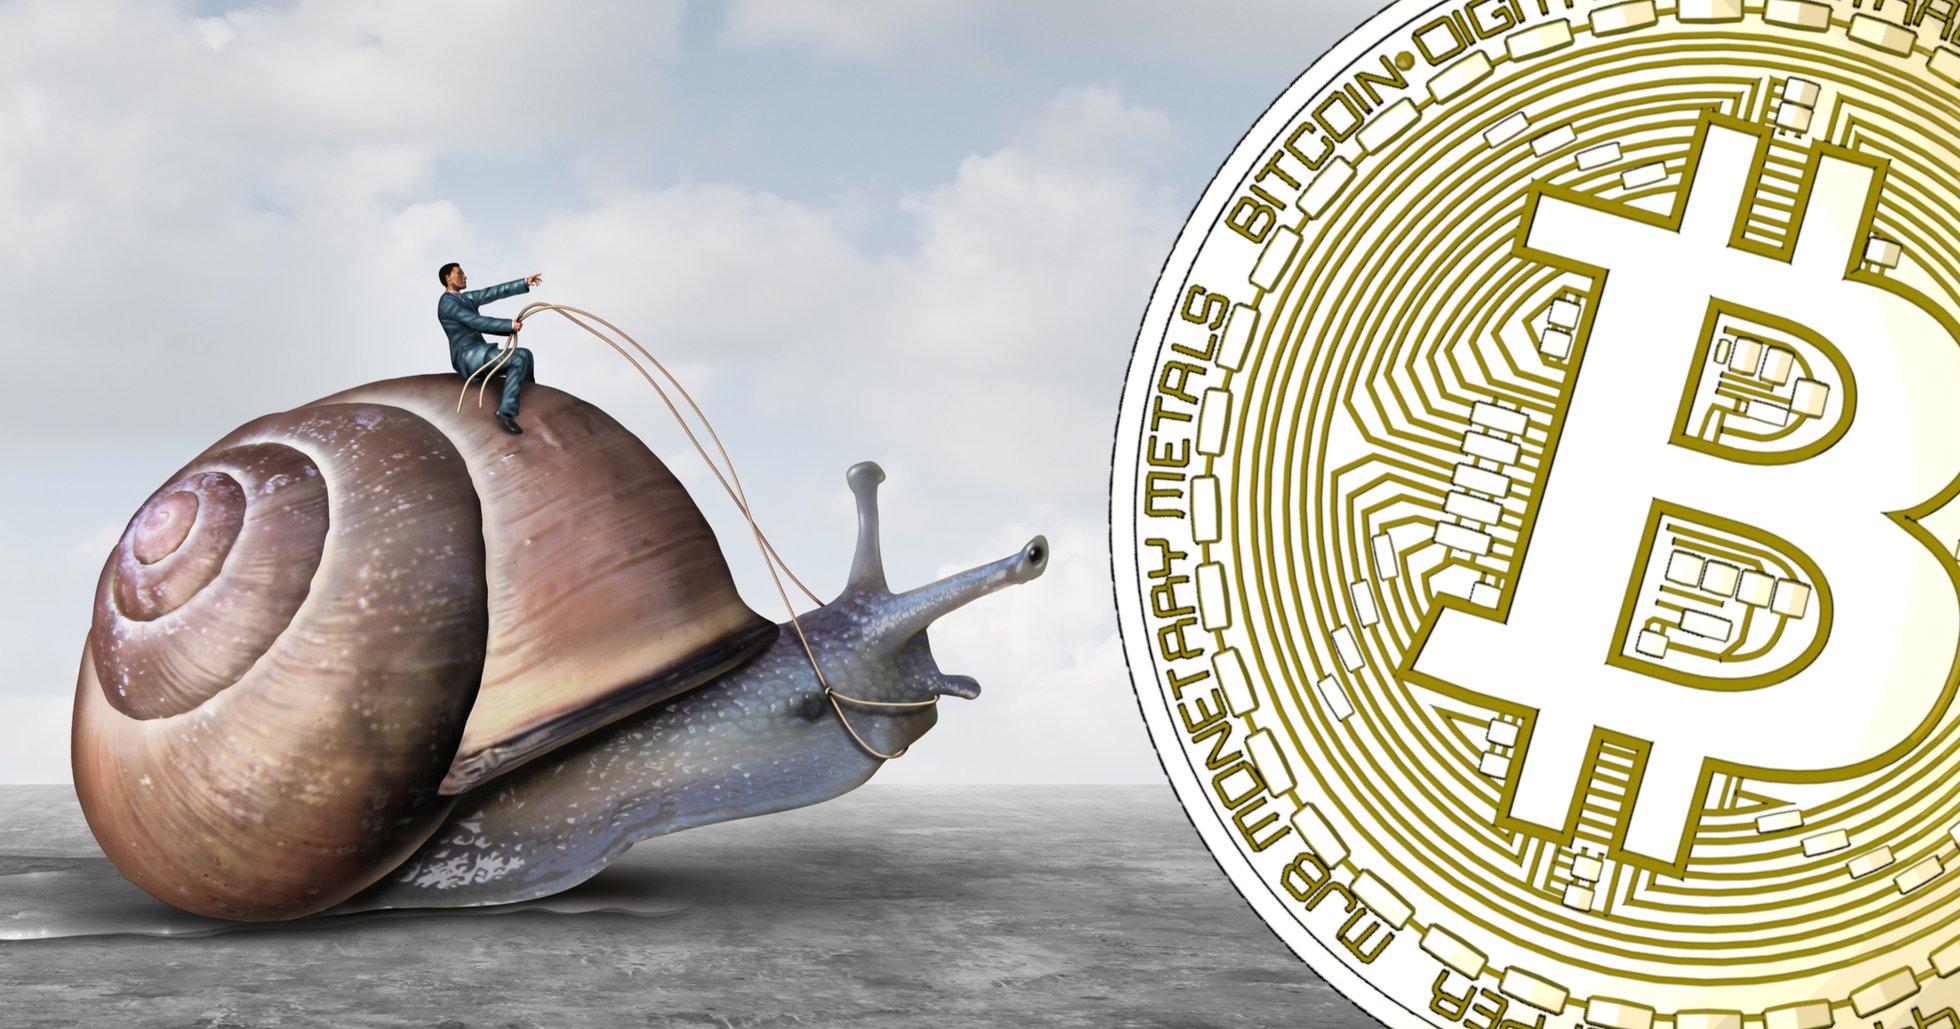 Bitcoinkursen tappar fart –har fallit nästan 4 procent under veckan.